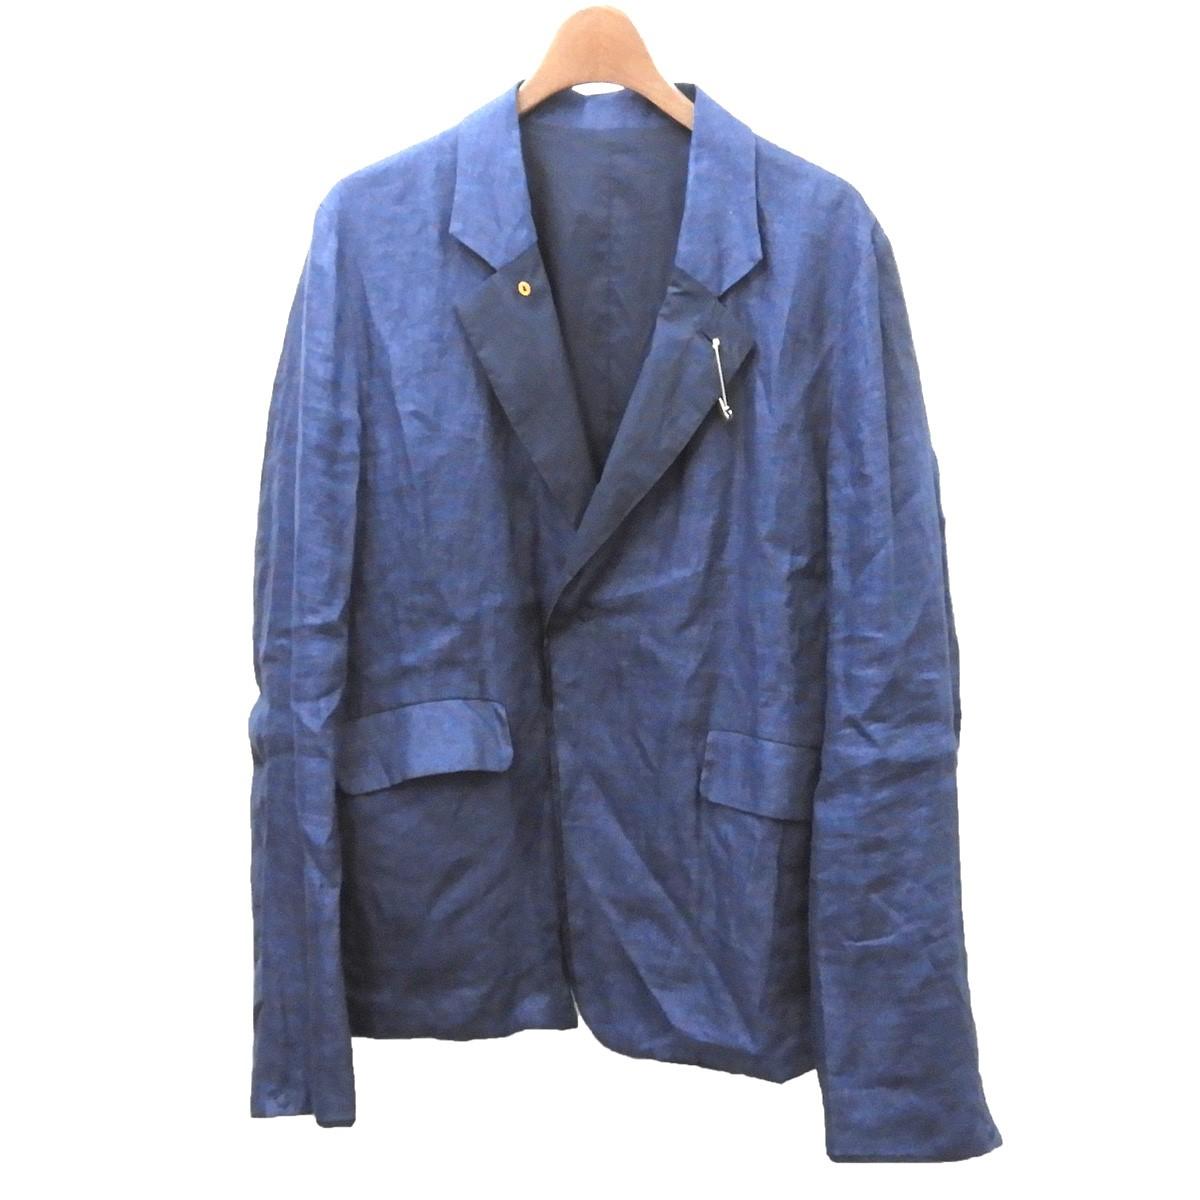 【中古】SUNSEA 2016SS 「Spec Reversible Linen Jacket」リネンジャケット ネイビー サイズ:2 【090620】(サンシー)